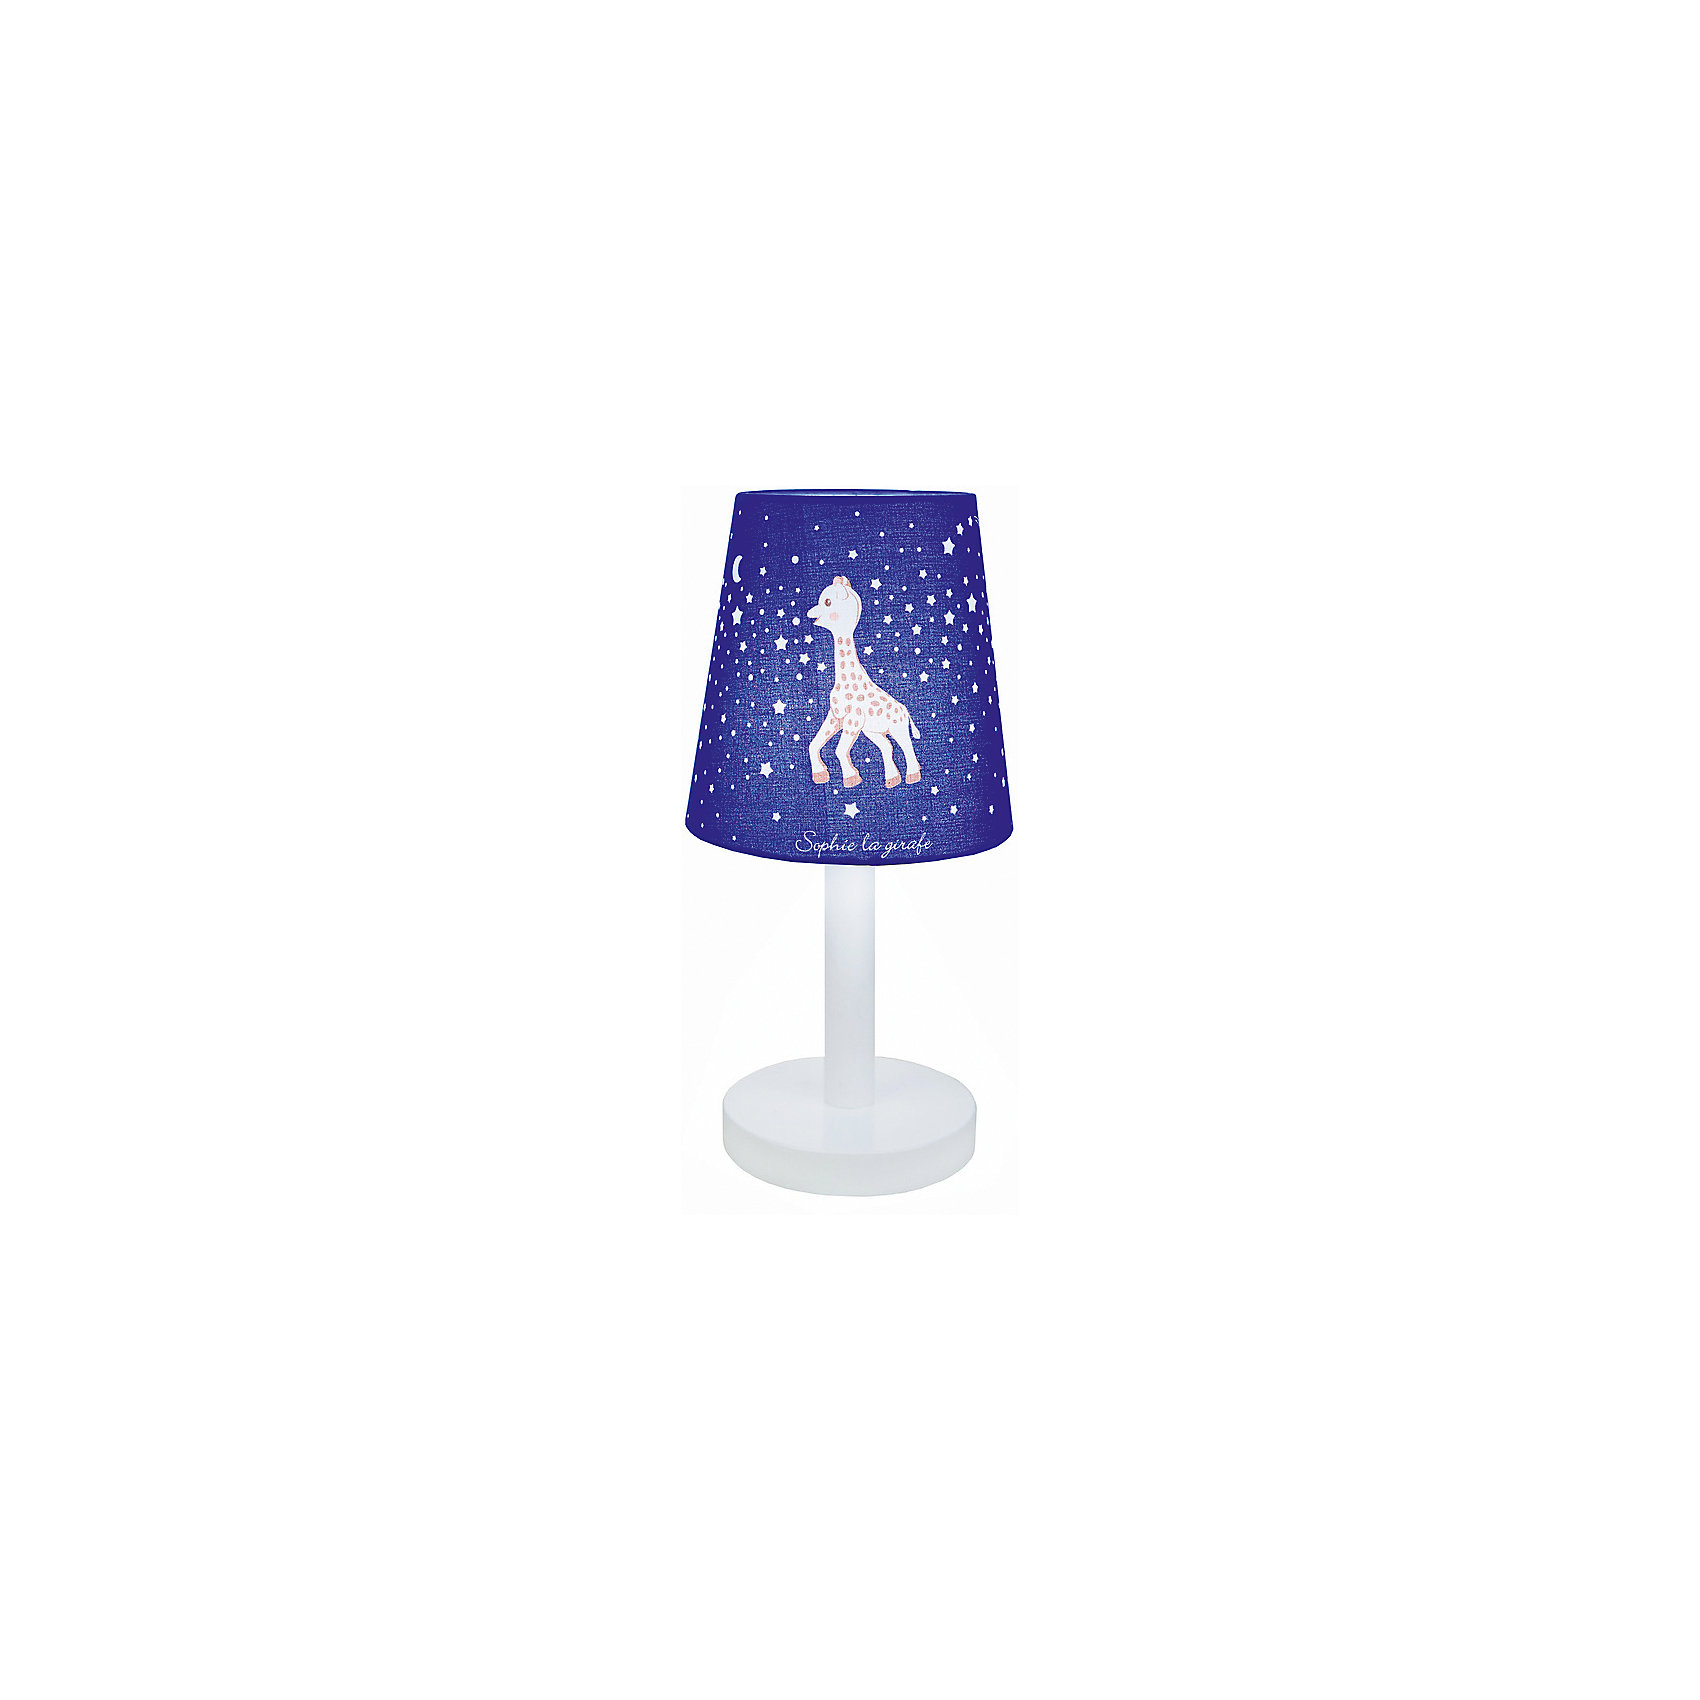 Лампа ночник 30 Cm Sophie the Giraffe, TrousselierЛампы, ночники, фонарики<br>С ночником любое помещение становится уютнее!  Для детей это еще и повышение качества сна - с ночником они спят спокойнее, так как вокруг нет пугающей темноты.<br>Этот ночник выглядит очень красиво - на нем симпатичная картинка, красивый абажур. Корпус ночника - прочный, из дерева и металла. Изделие произведено из высококачественных материалов, и соответствует европейским стандартам безопасности.<br><br>Дополнительная информация:<br><br>цвет: разноцветный;<br>материал: металл, жароустойчивый пластик, дерево;<br>работает от розетки;<br>внутри - лампочка 12 V 20 W;<br>длина шнура: 1,8 метра;<br>размер: 15 х 15 х 30 см.<br><br>Лампу ночник 30 Cm Sophie the Giraffe от французской компании Trousselier можно купить в нашем магазине.<br><br>Ширина мм: 175<br>Глубина мм: 175<br>Высота мм: 260<br>Вес г: 730<br>Возраст от месяцев: 0<br>Возраст до месяцев: 216<br>Пол: Унисекс<br>Возраст: Детский<br>SKU: 4961825